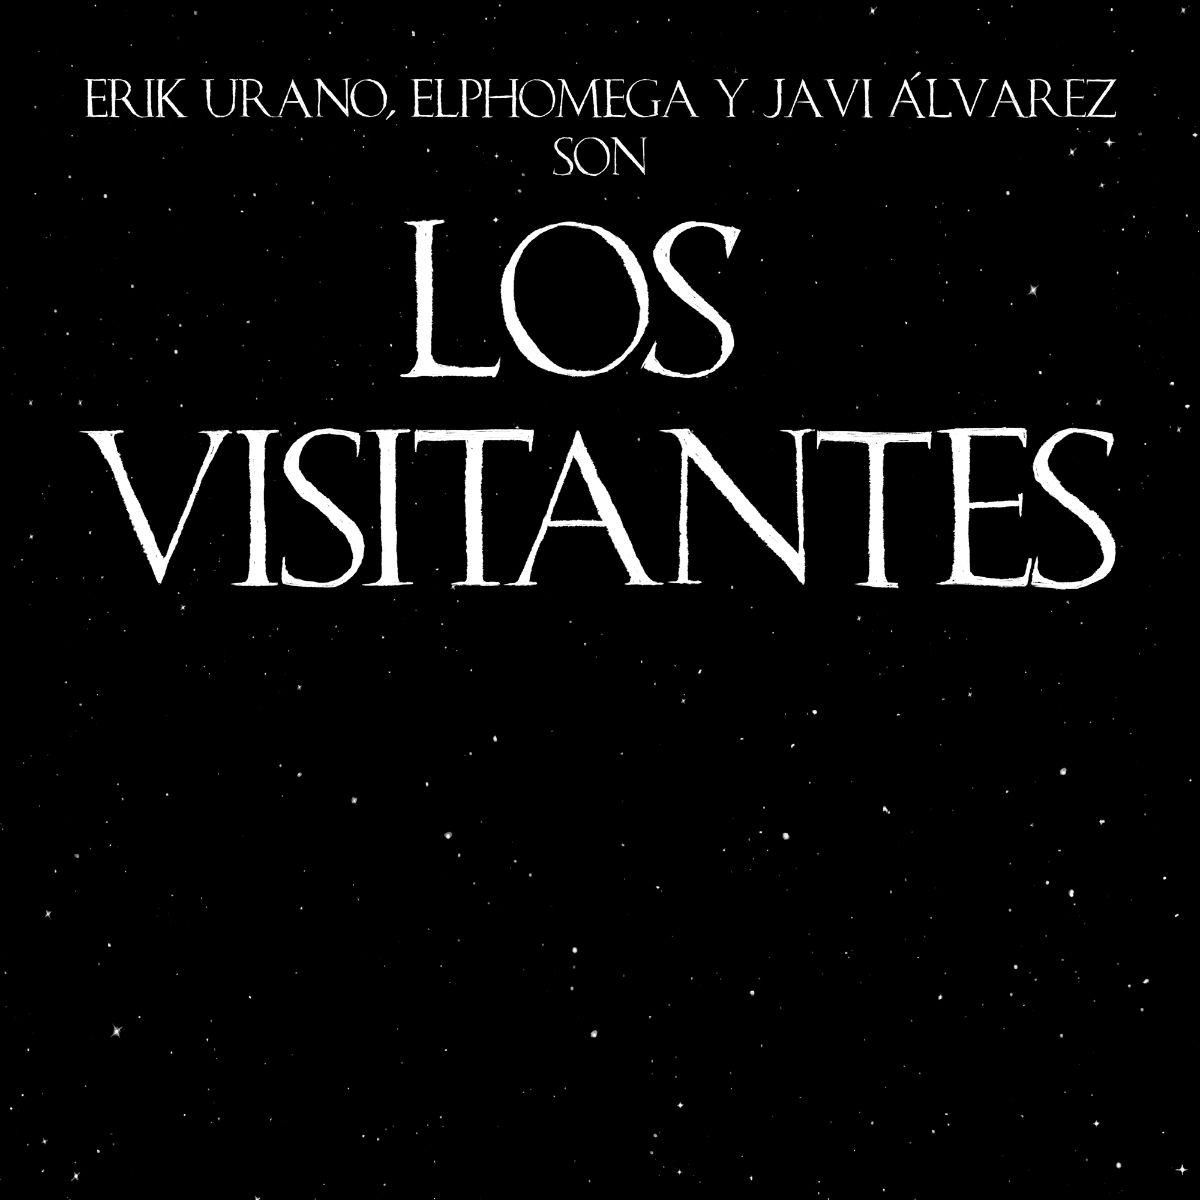 """""""Los visitantes"""", Erik Urano, Elphomega y Javi Álvarez en un 7"""""""